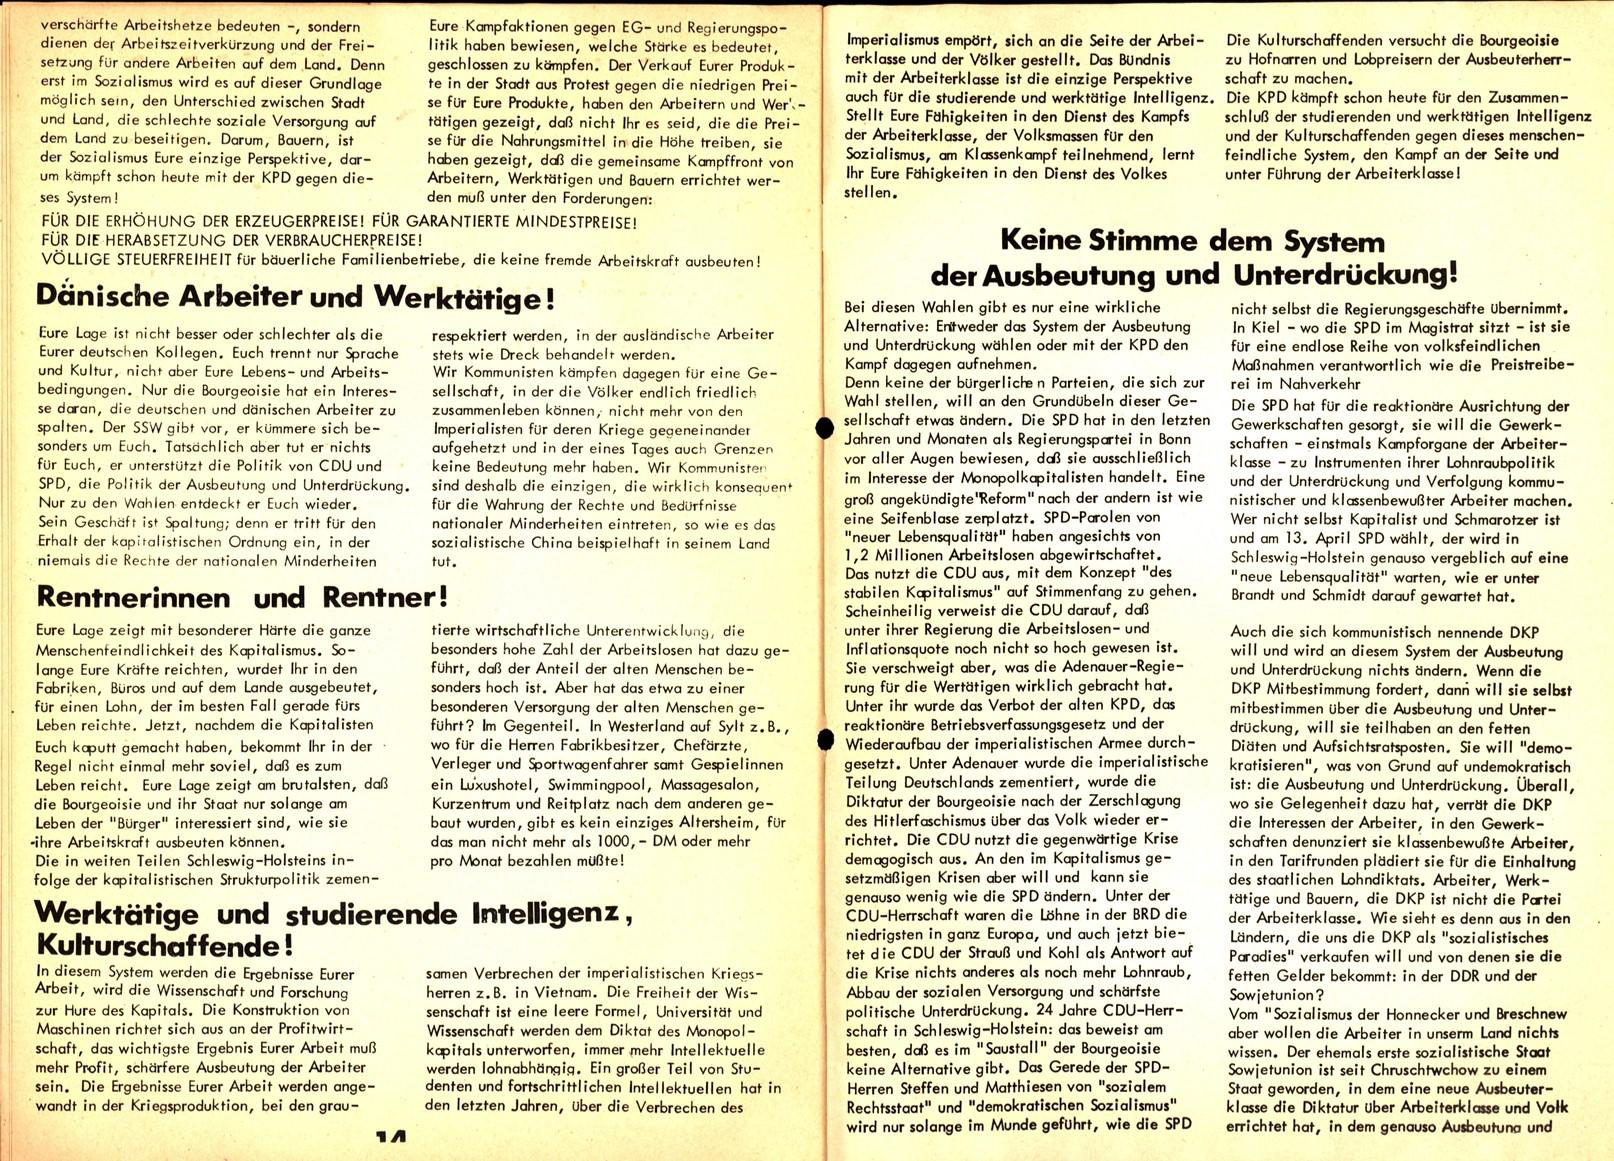 Schleswig_Holstein_KPDAO_1975_Landtagswahlen_09